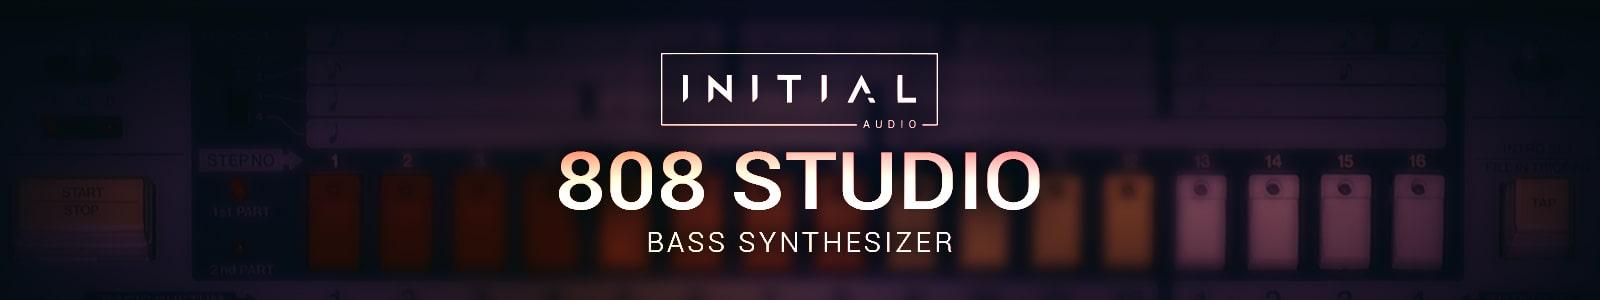 inital audio sektor